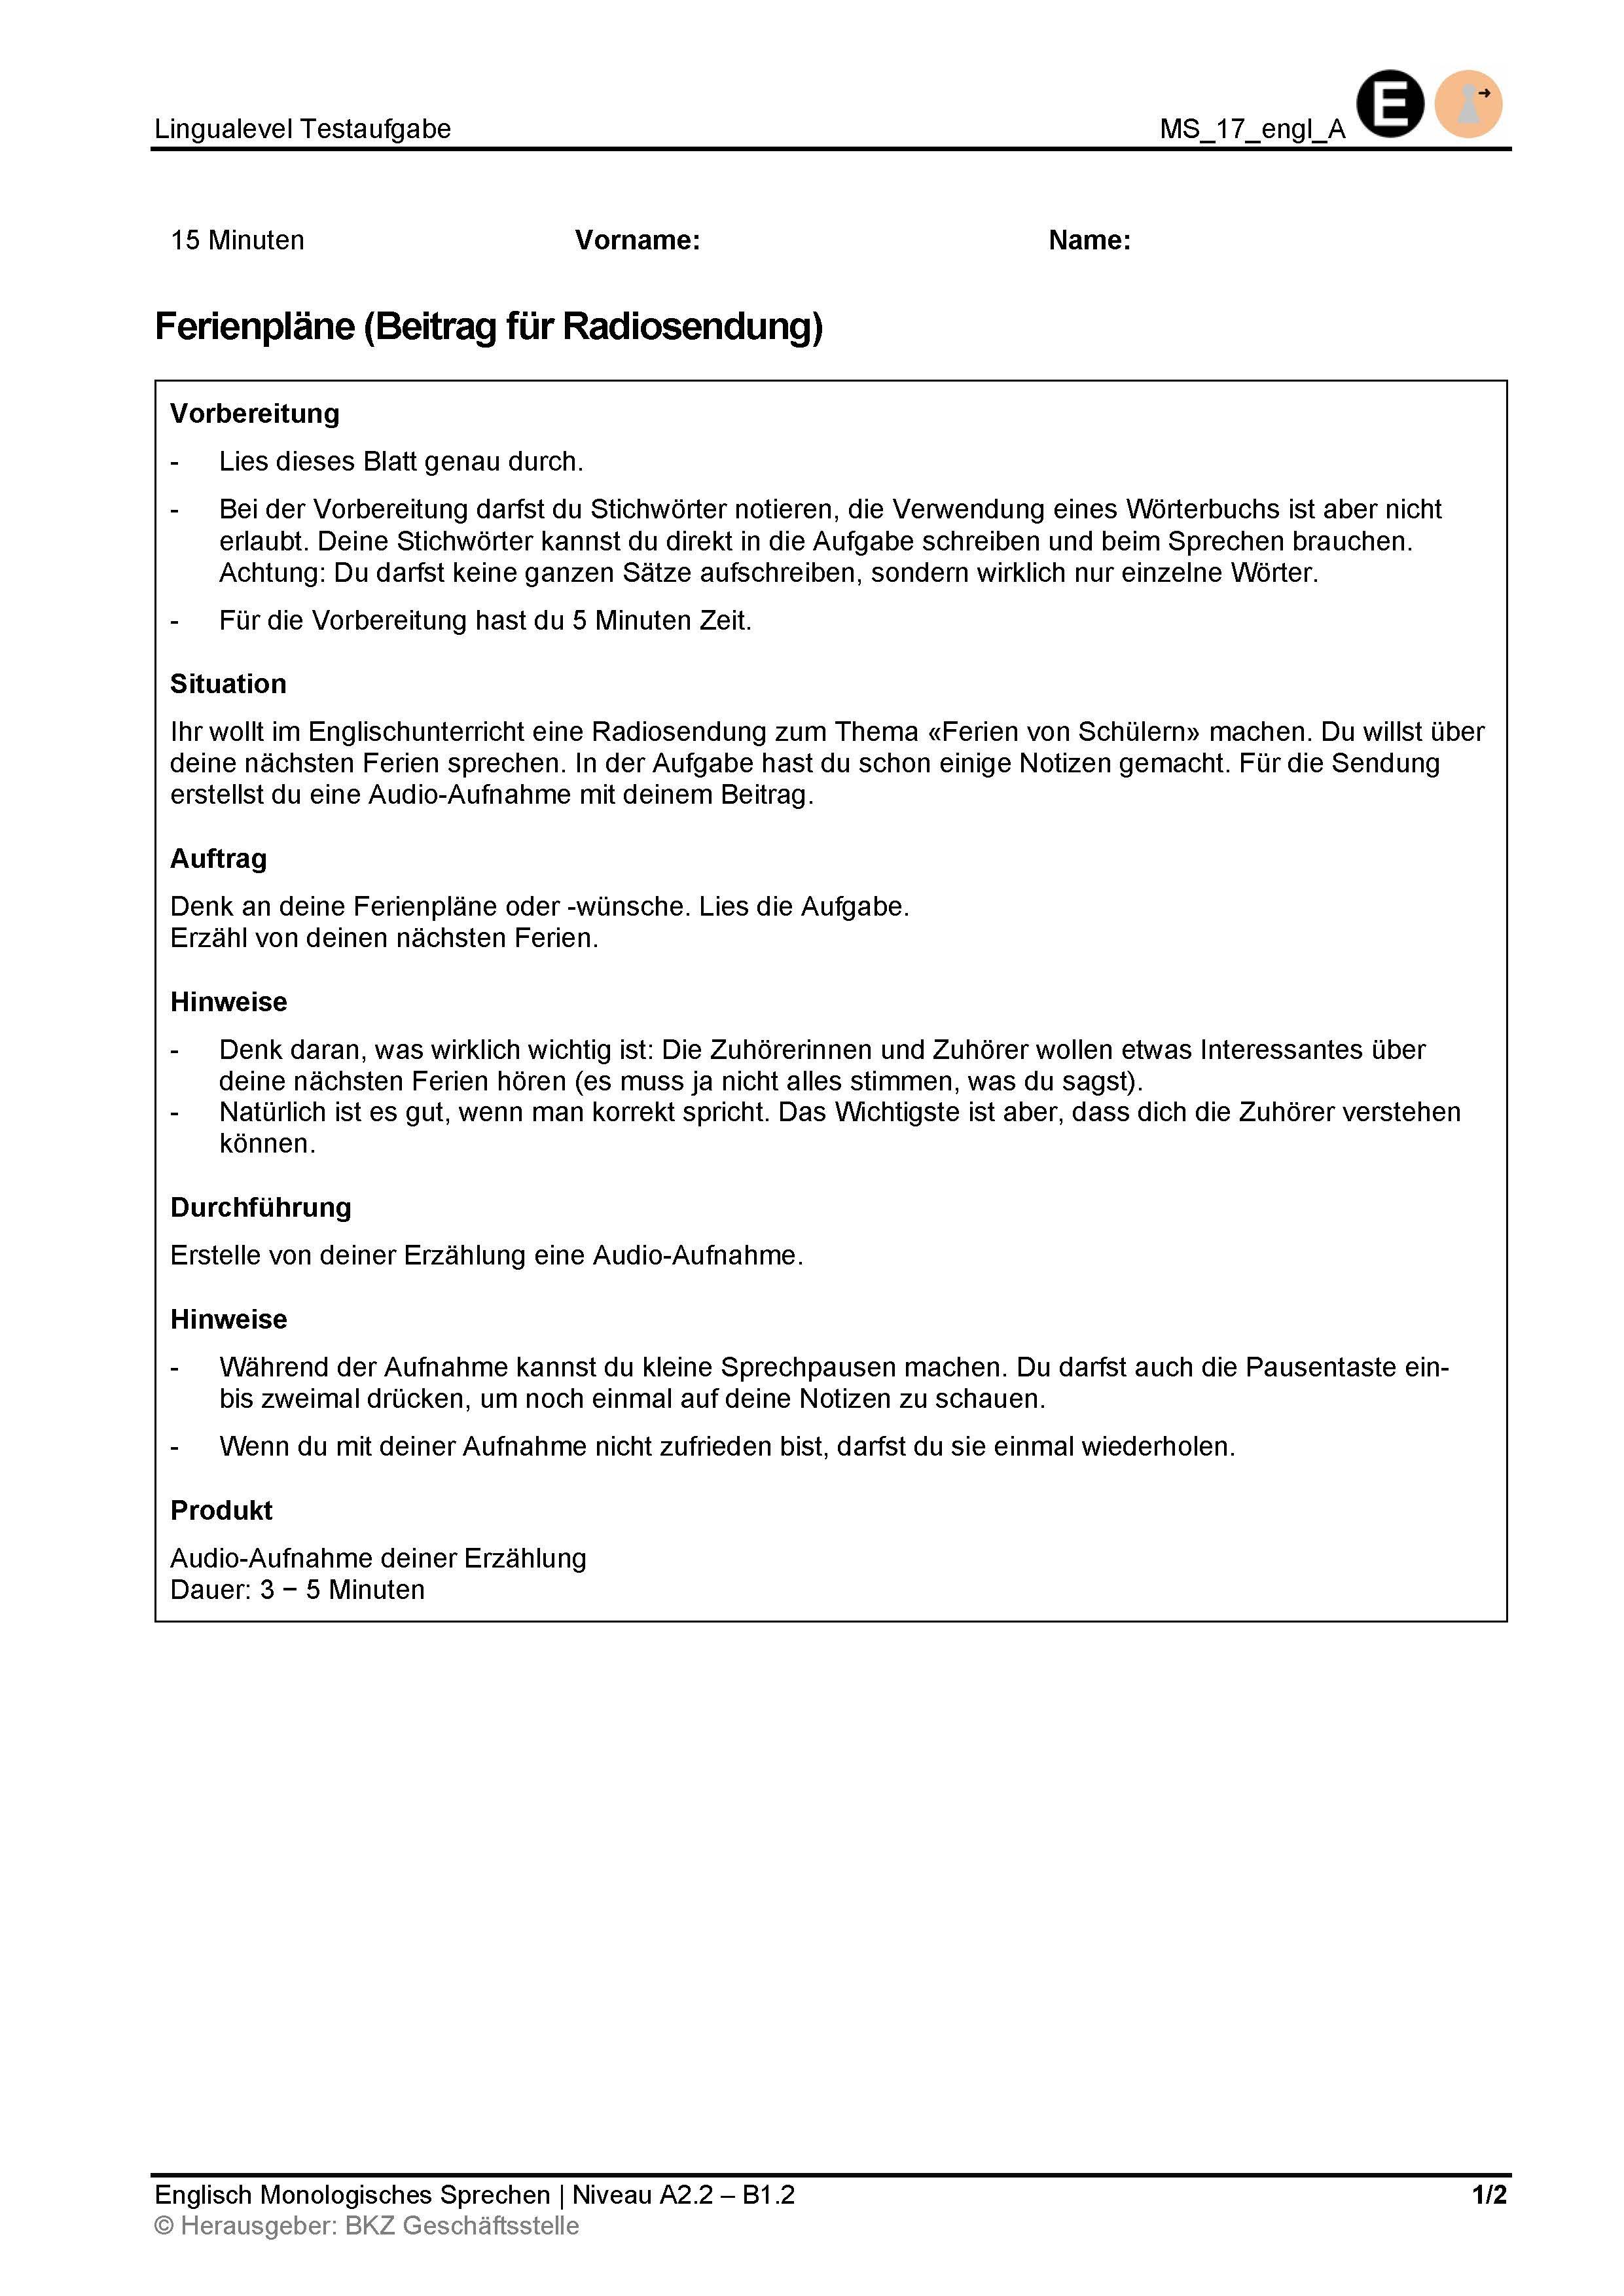 Preview image for LOM object Monologisches Sprechen: Ferienpläne (Beitrag für Radiosendung)